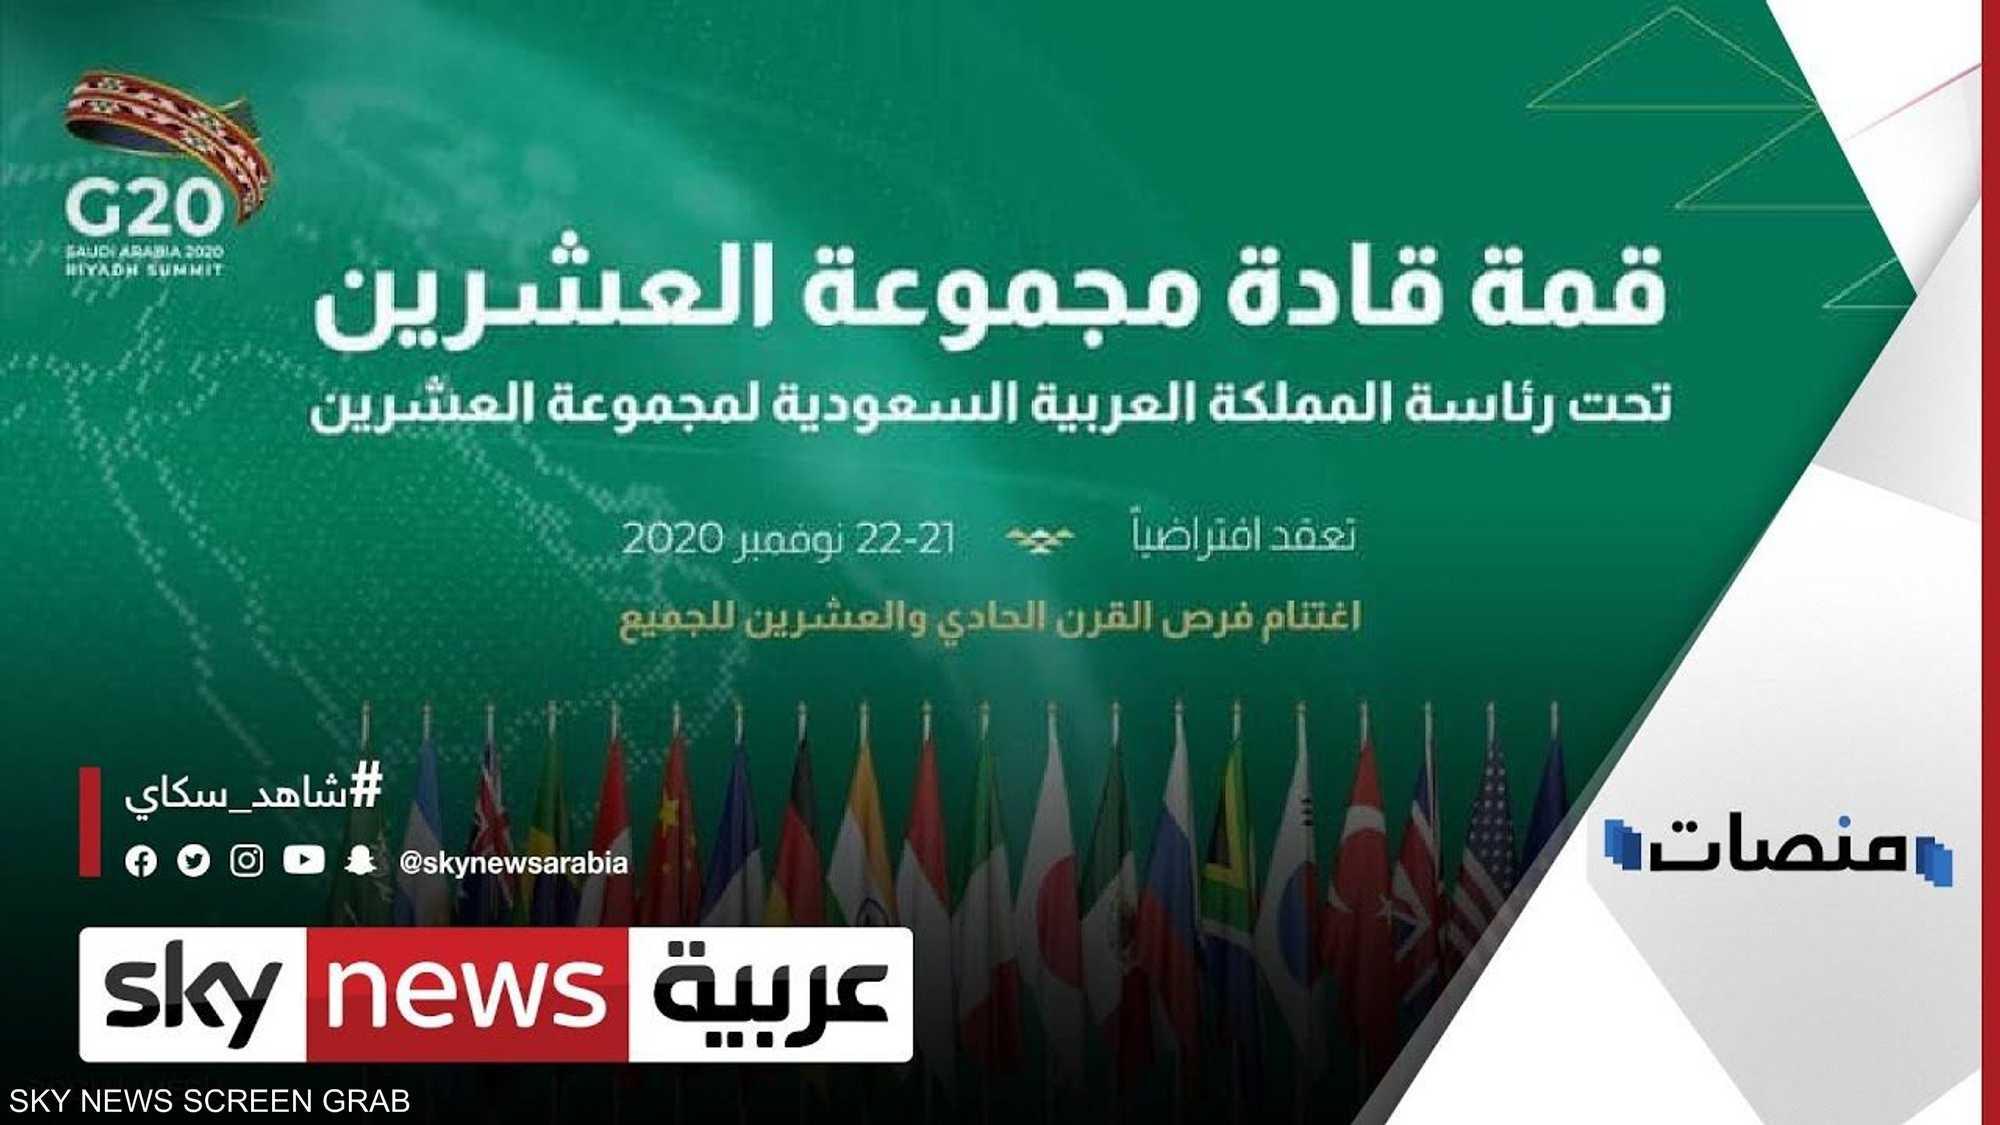 نستضيف المستقبل.. هاشتاغ متفائل بنسخة قمة العشرين